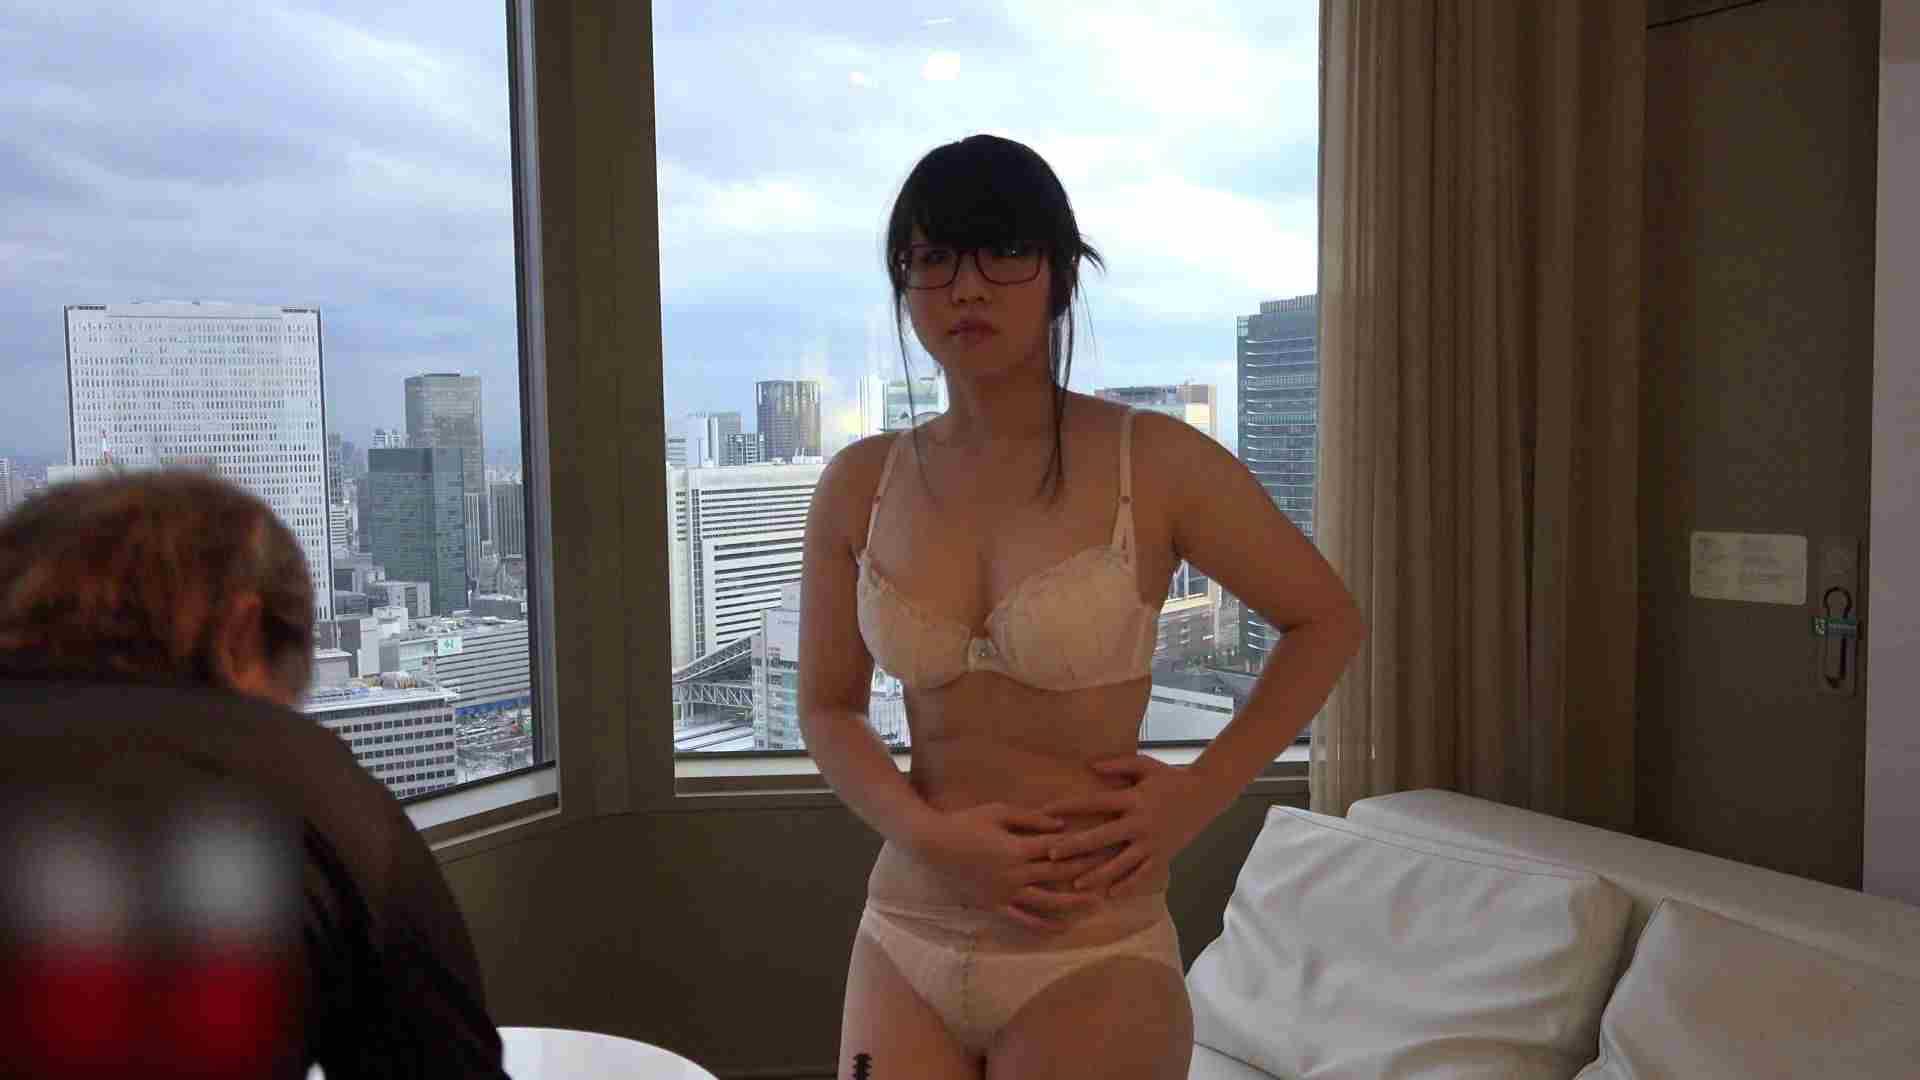 S級厳選美女ビッチガールVol.39 前編 セックス  69枚 40